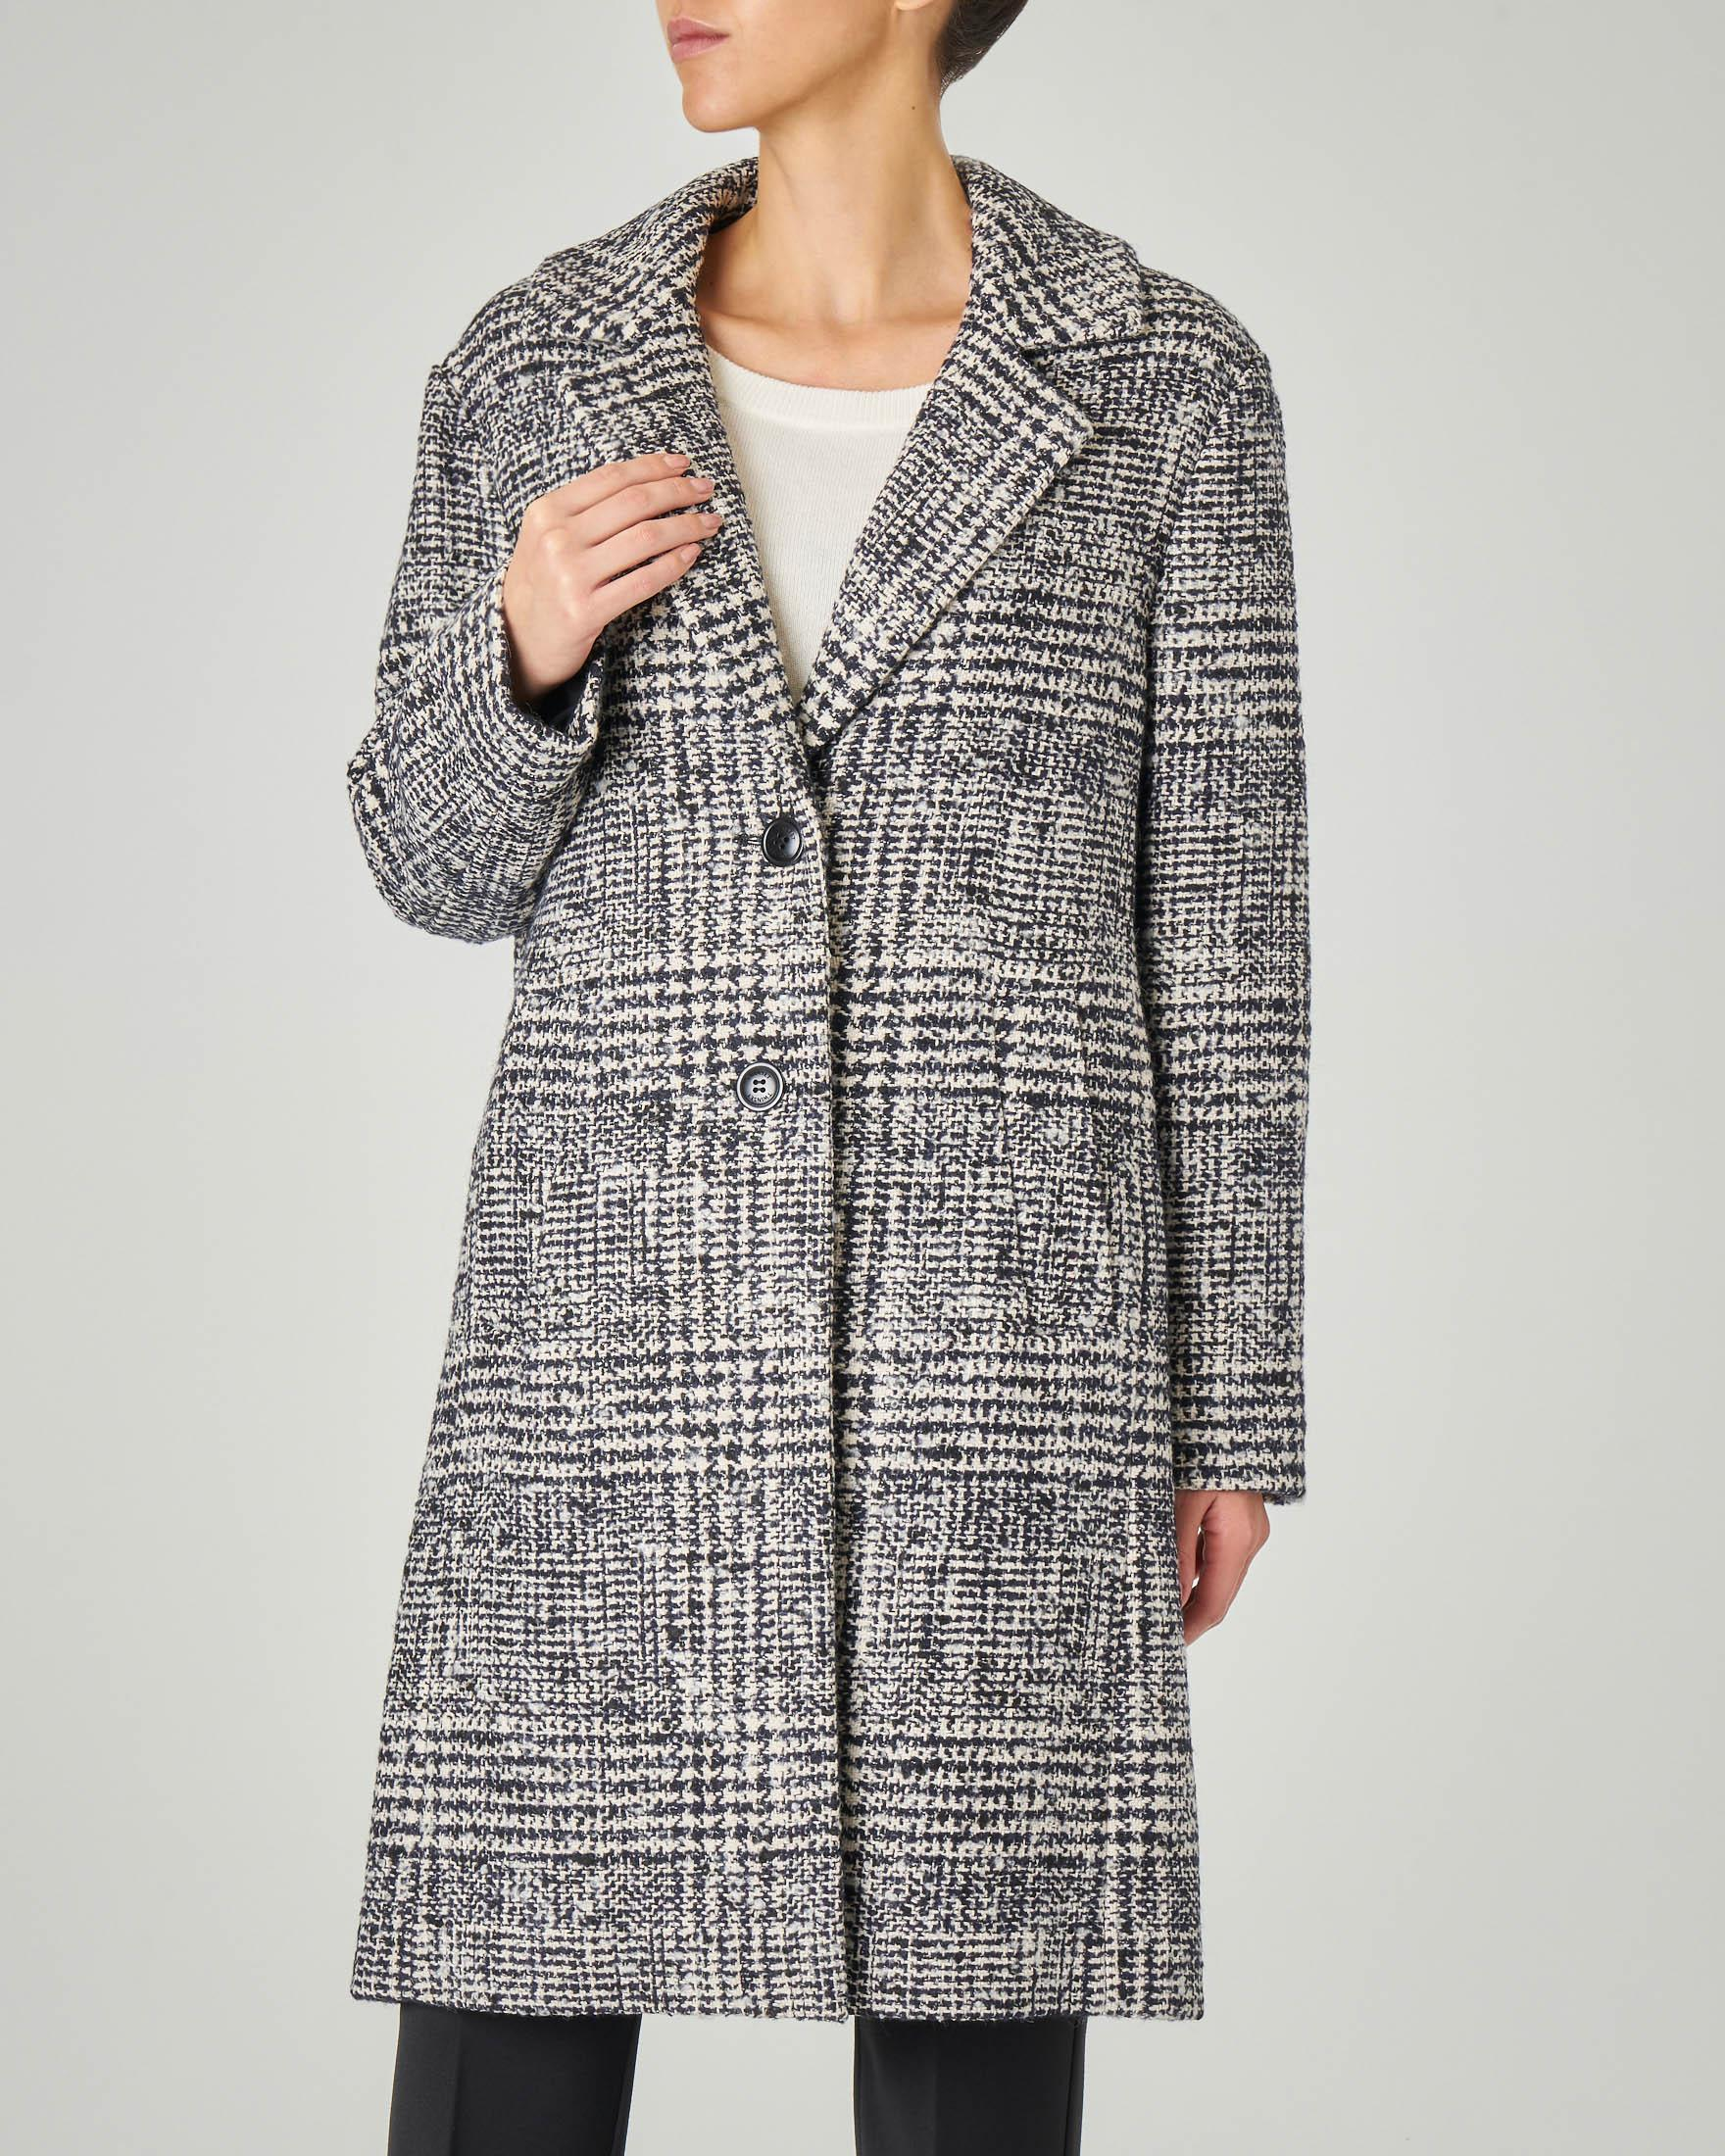 Cappotto in cotone misto lana e alpaca in Principe di Galles bianco e nero